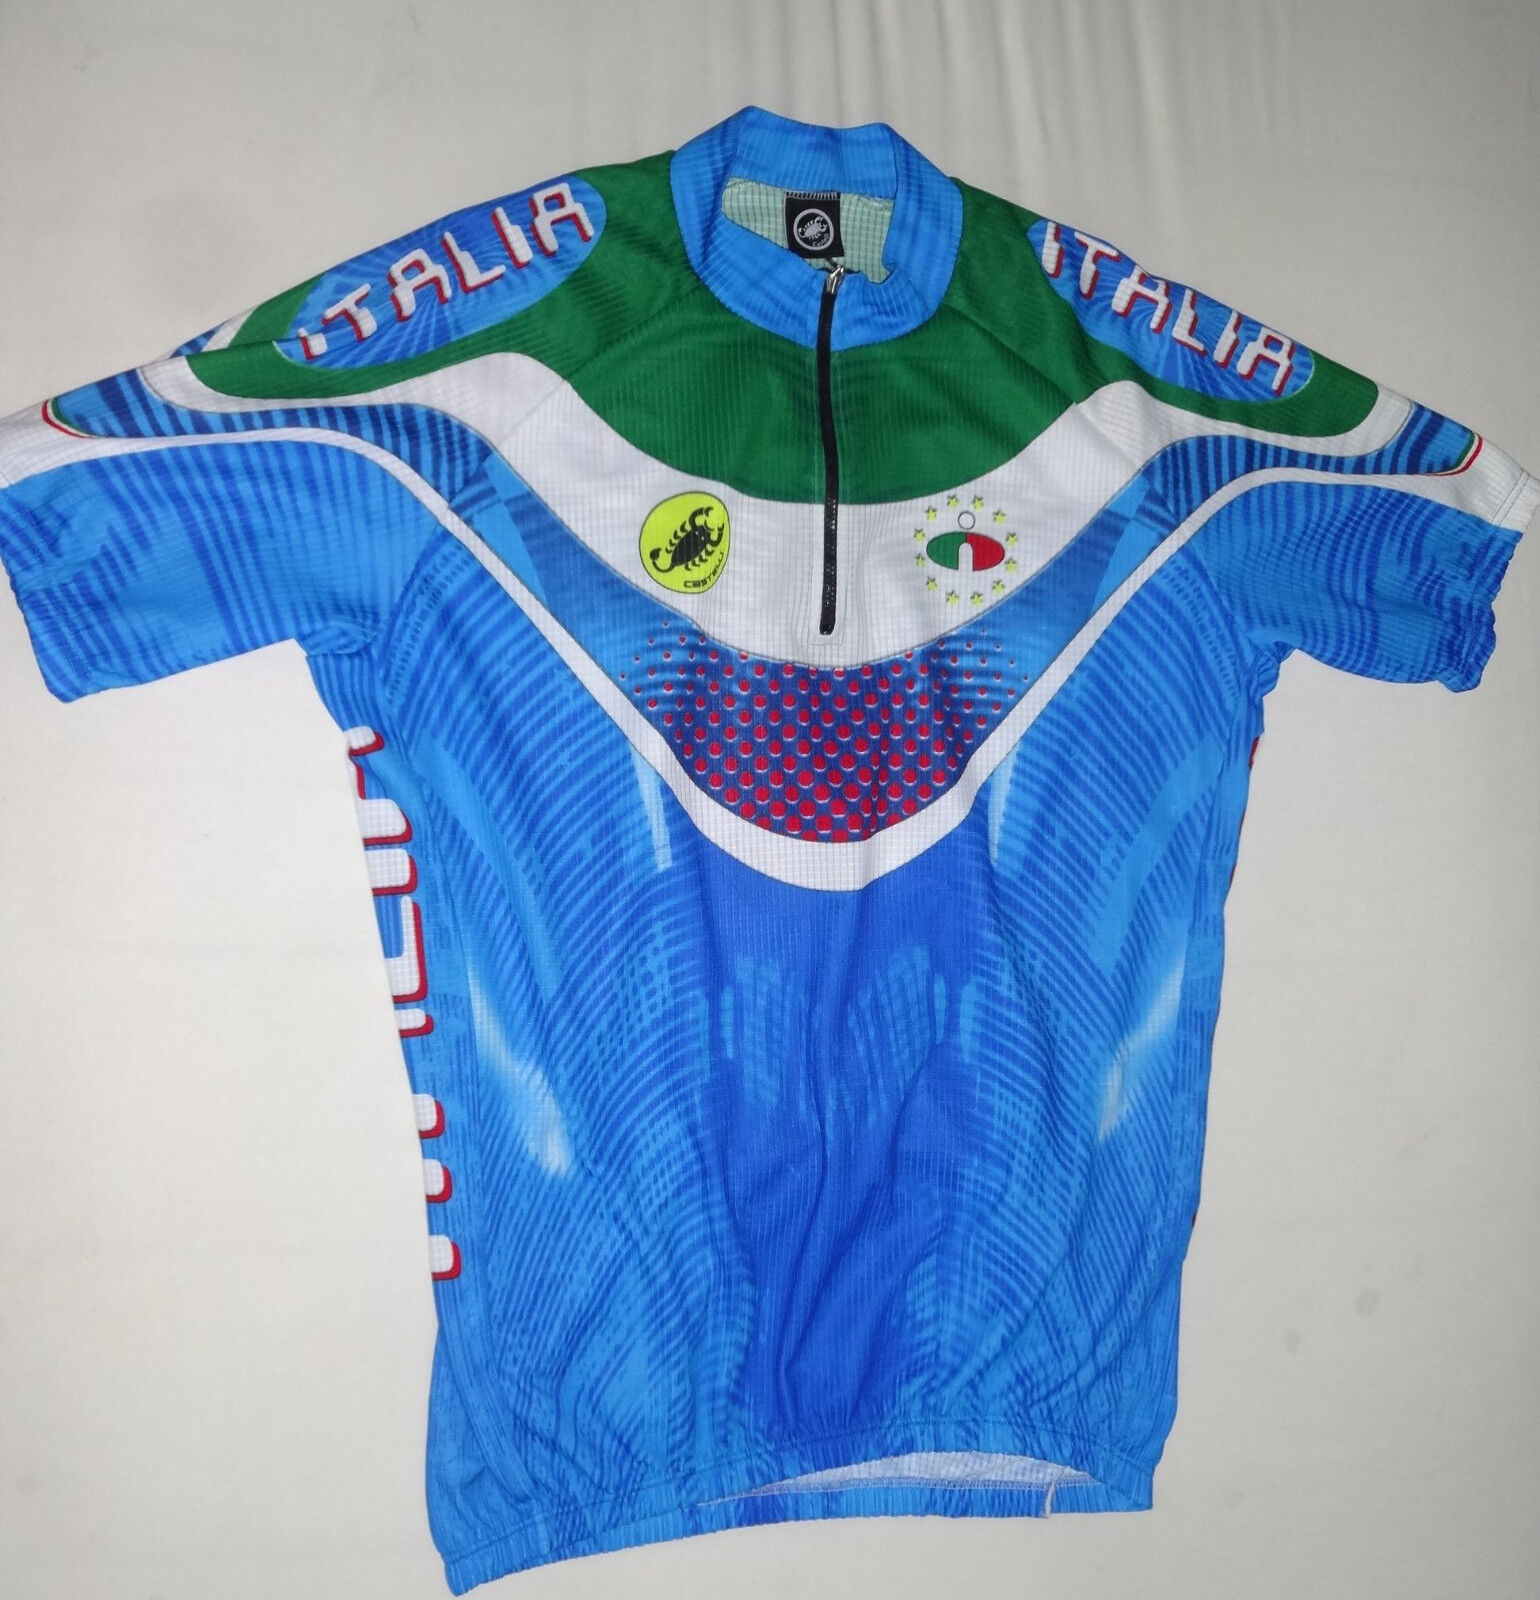 Castelli Italia Rennrad Fahrrad Mountainbike Rad Trikot Gr. XXL in Blau